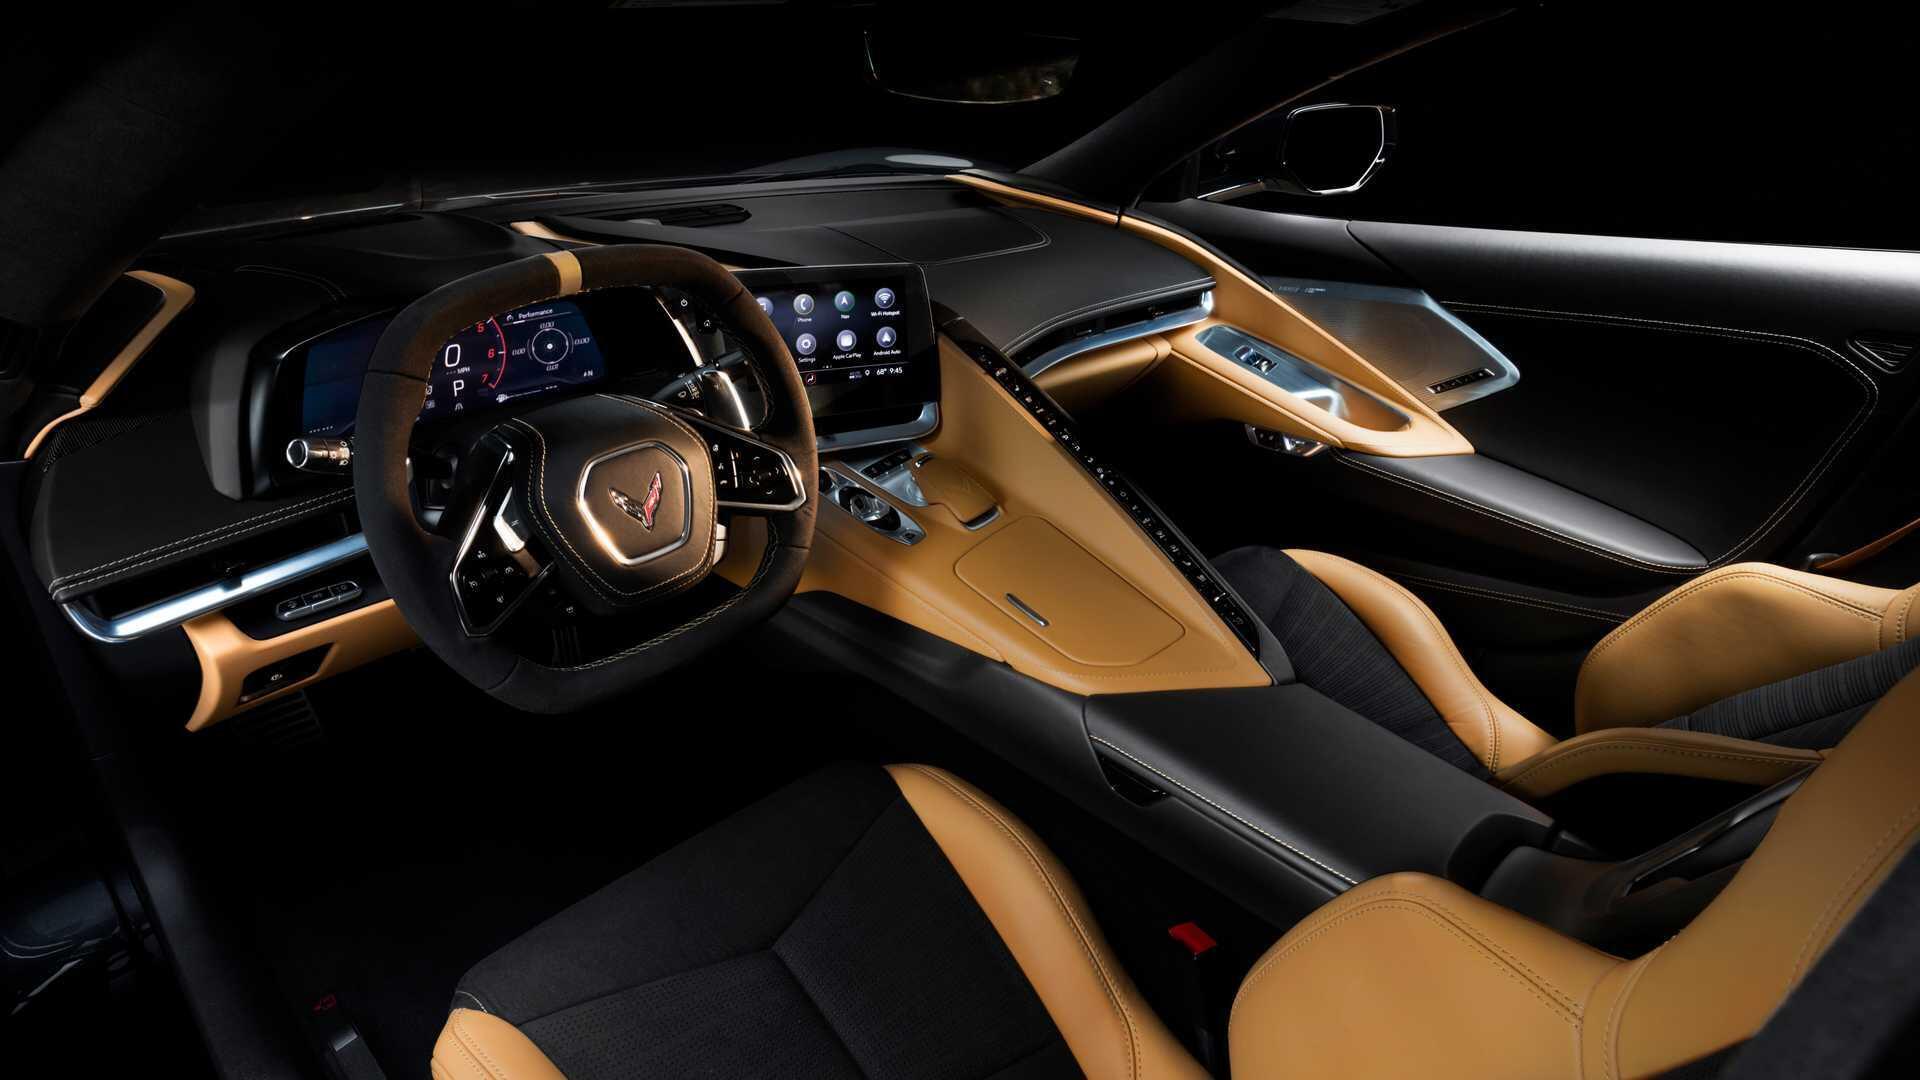 https://cdn.dailyxe.com.vn/image/chevrolet-corvette-2020-co-mot-so-tinh-nang-an-tuyet-voi-82-94586j2.jpg